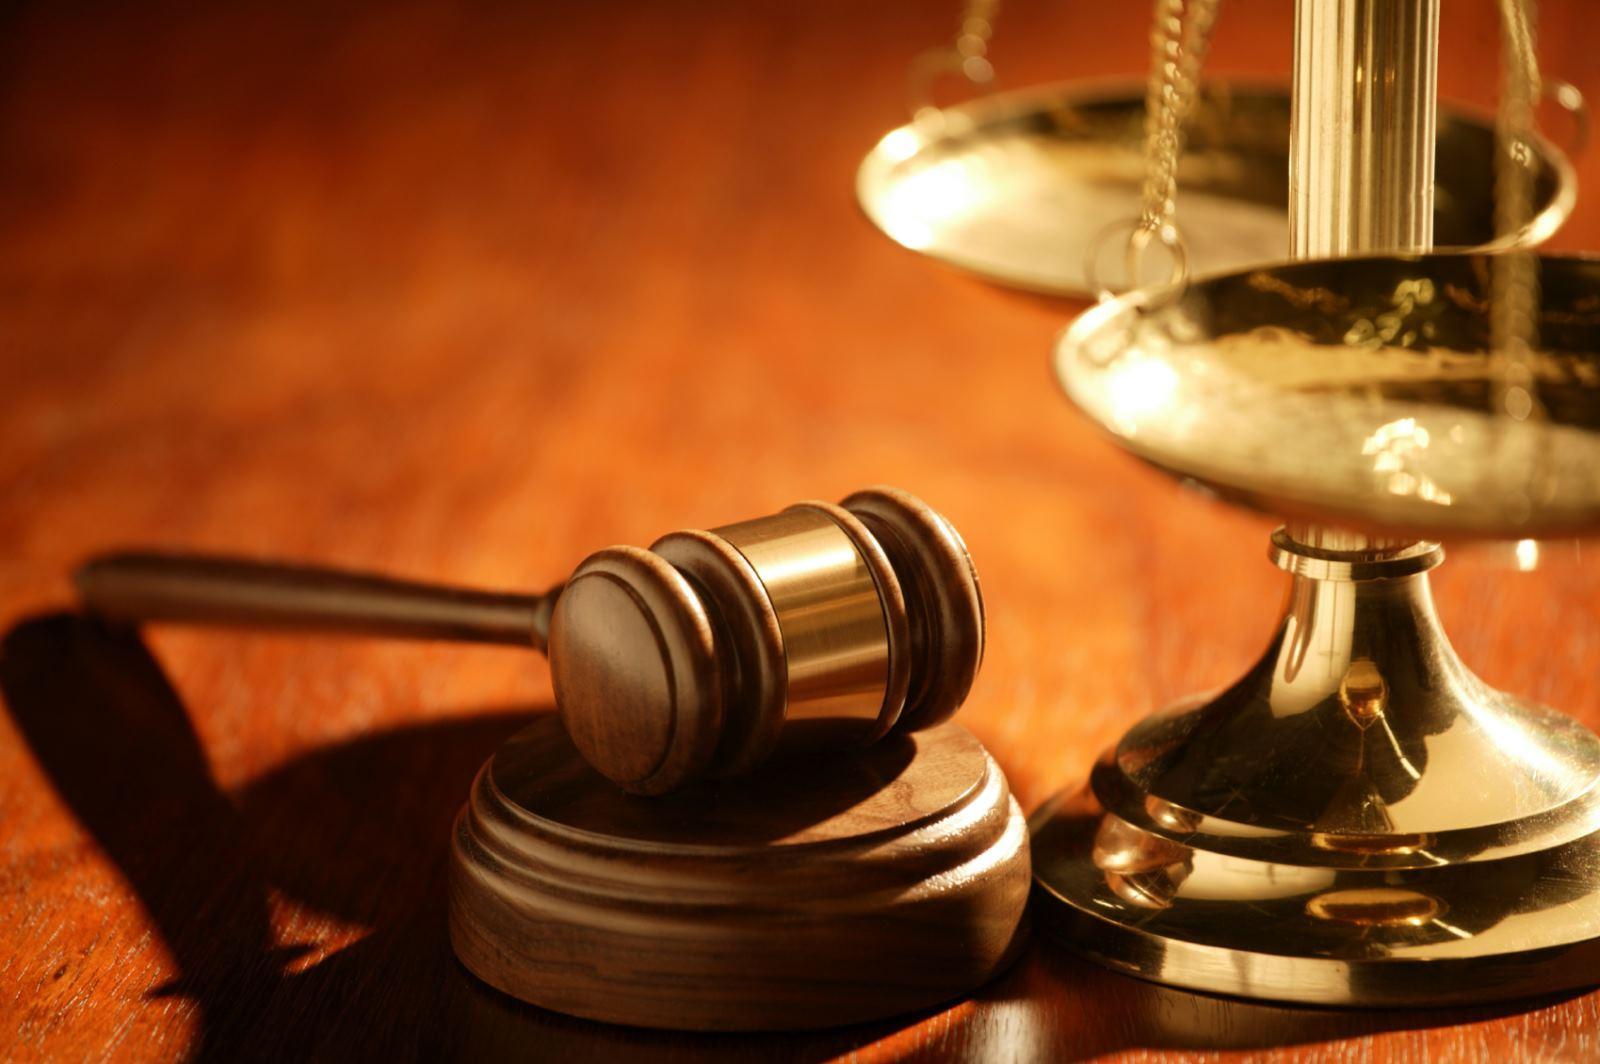 Как обжаловать приговор в апелляционной инстанции. Адвокат в Запорожье. Юридическое бюро Линия права